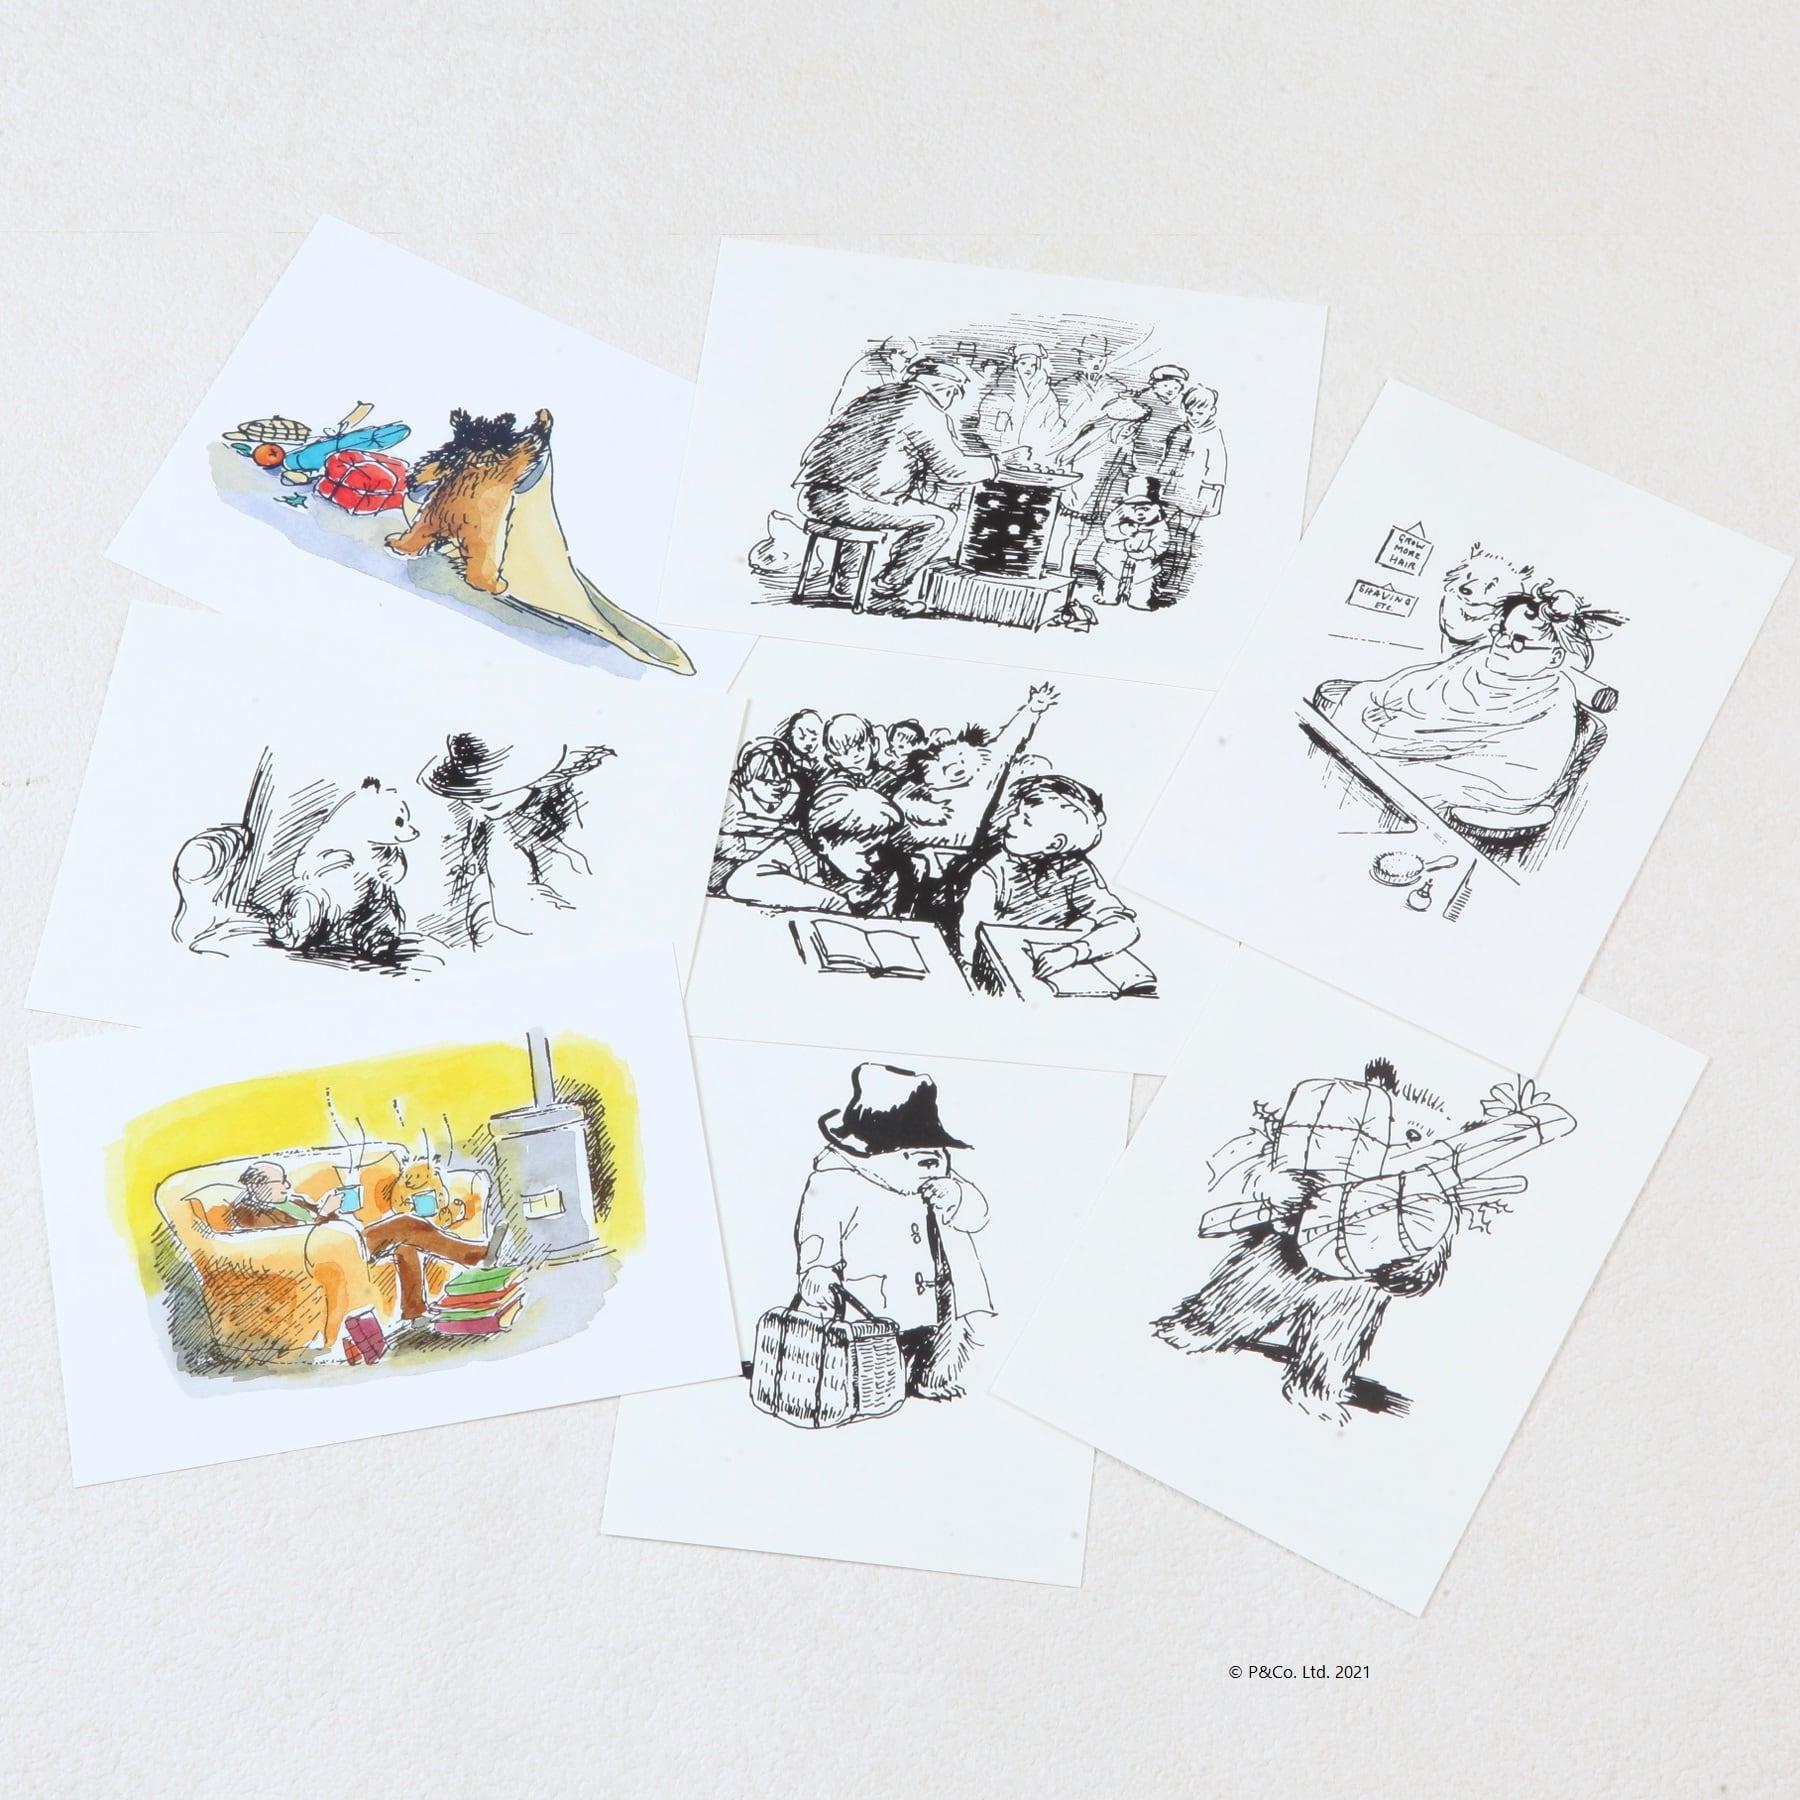 「くまのパディントン™展」展覧会オリジナルのポストカードセット(8枚)